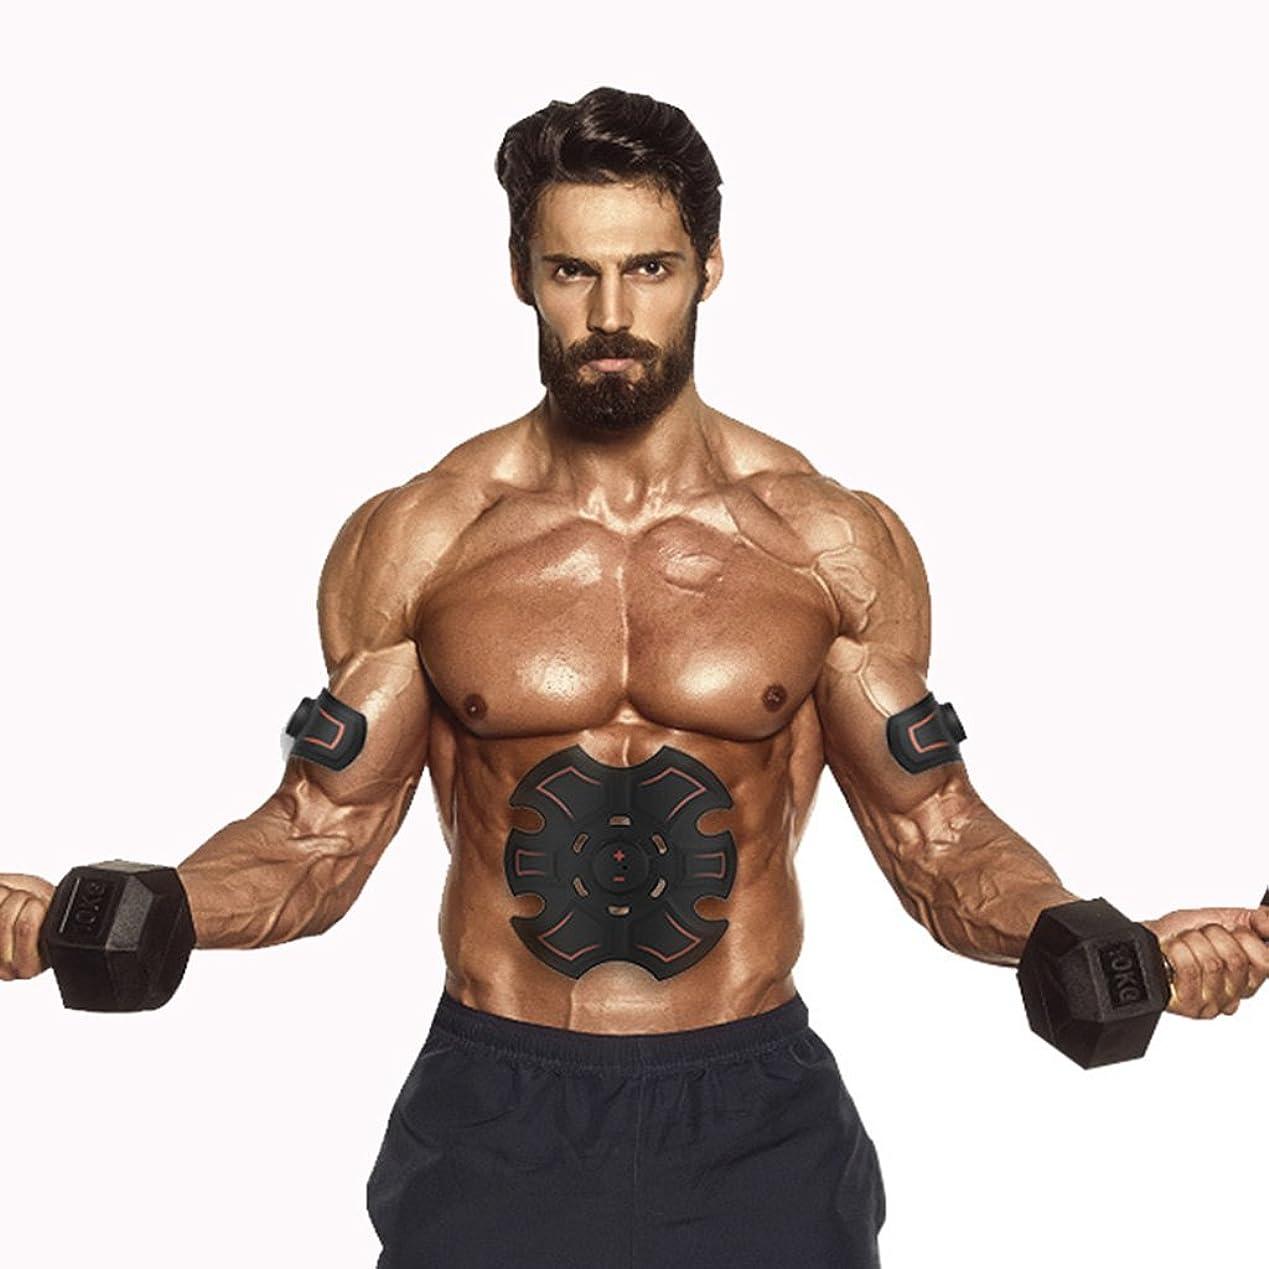 メディカル賞賛文明GBR- 腹部の筋肉Toner?2018腹部の筋肉EMSスマート腹部の腹部の人工物のマッサージャーミニ腹部のステッカー(黒+赤)